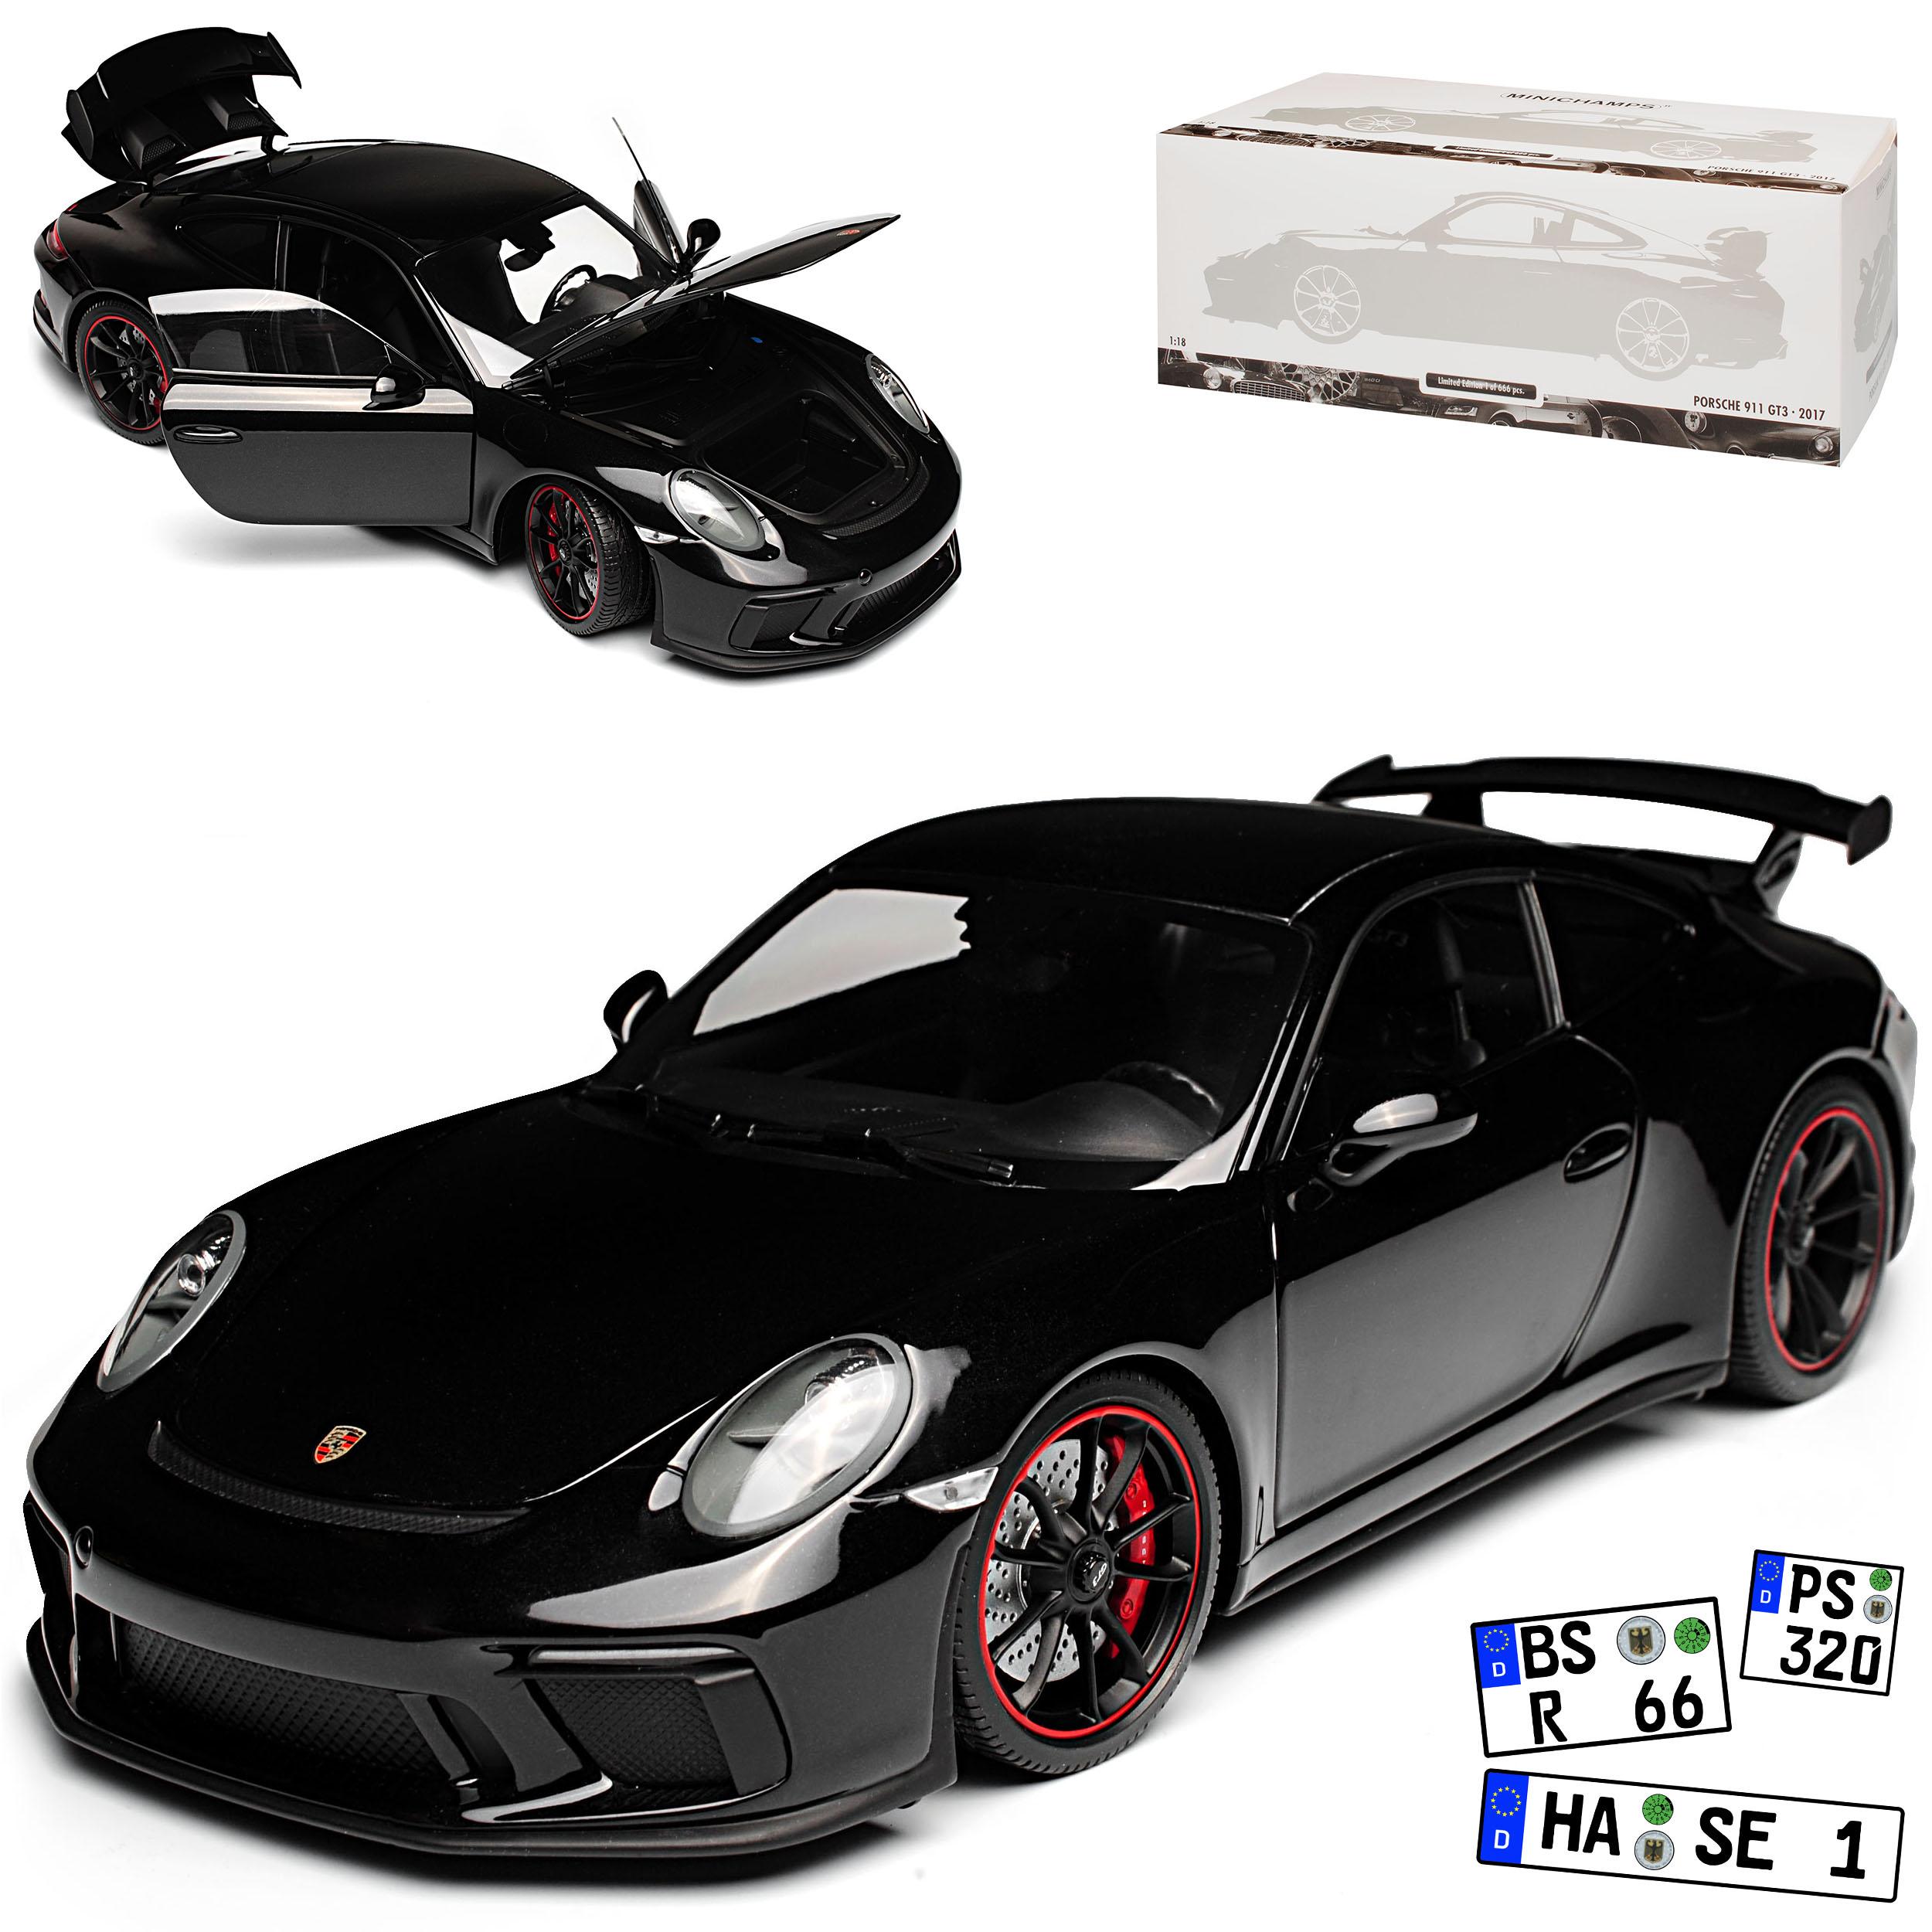 calidad de primera clase Porsche 911 991 991 991 gt3 coupé negro metálico modelo 2013-2019 versión a partir de 2017 Li...  precioso